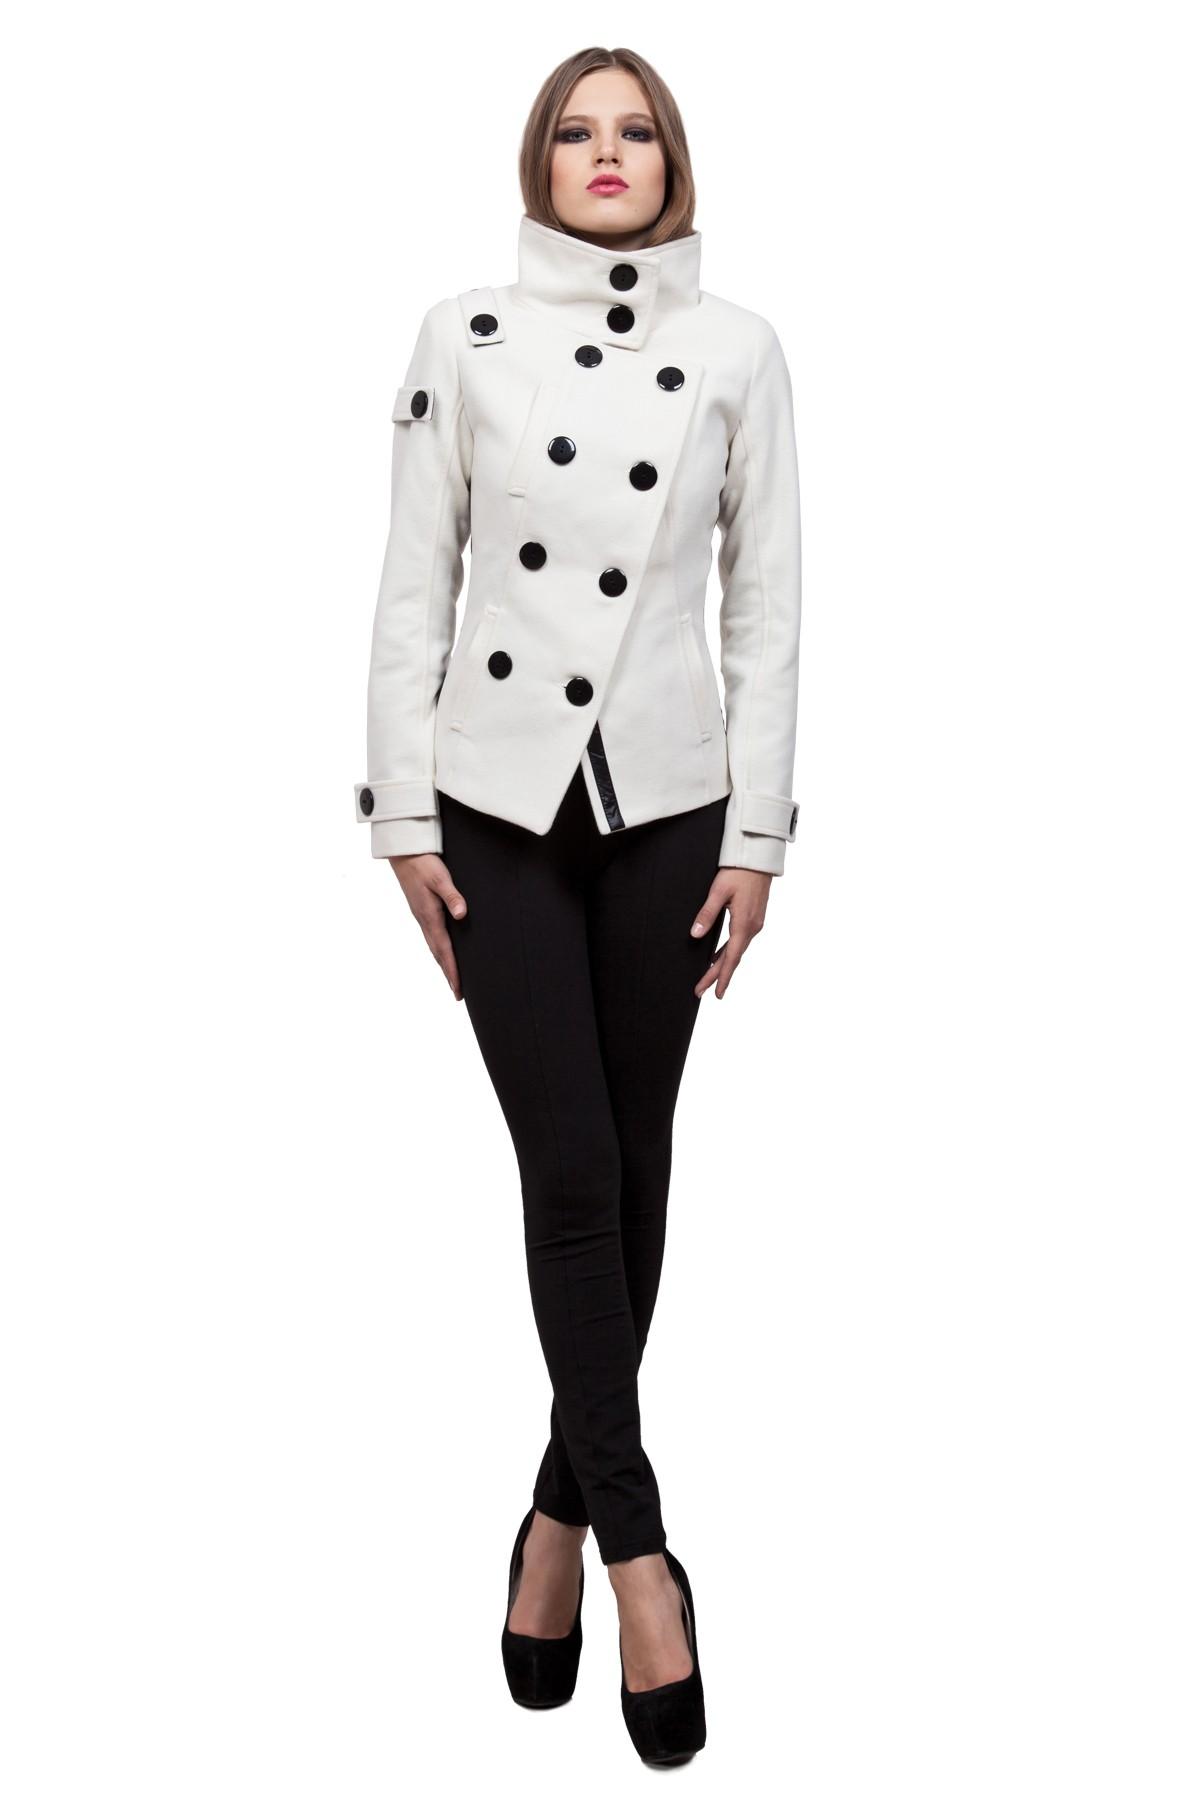 ПальтоЖенские куртки, плащи, пальто<br>Классическое пальто в современном исполнении. Двубортная застежка придает модели строгий вид, а косые линии кроя - уникальность и эксклюзивность. Изделие подчеркнет Ваш неповторимый вкус.<br><br>Цвет: молочный<br>Состав: ткань - 75%полиэстер, 24% вискоза, 1% лайкра, утеплитель - 100%полиэстер, подкладка - 100%полиэстер<br>Размер: 40,42,44,46,48,50,52,54<br>Страна дизайна: Россия<br>Страна производства: Россия